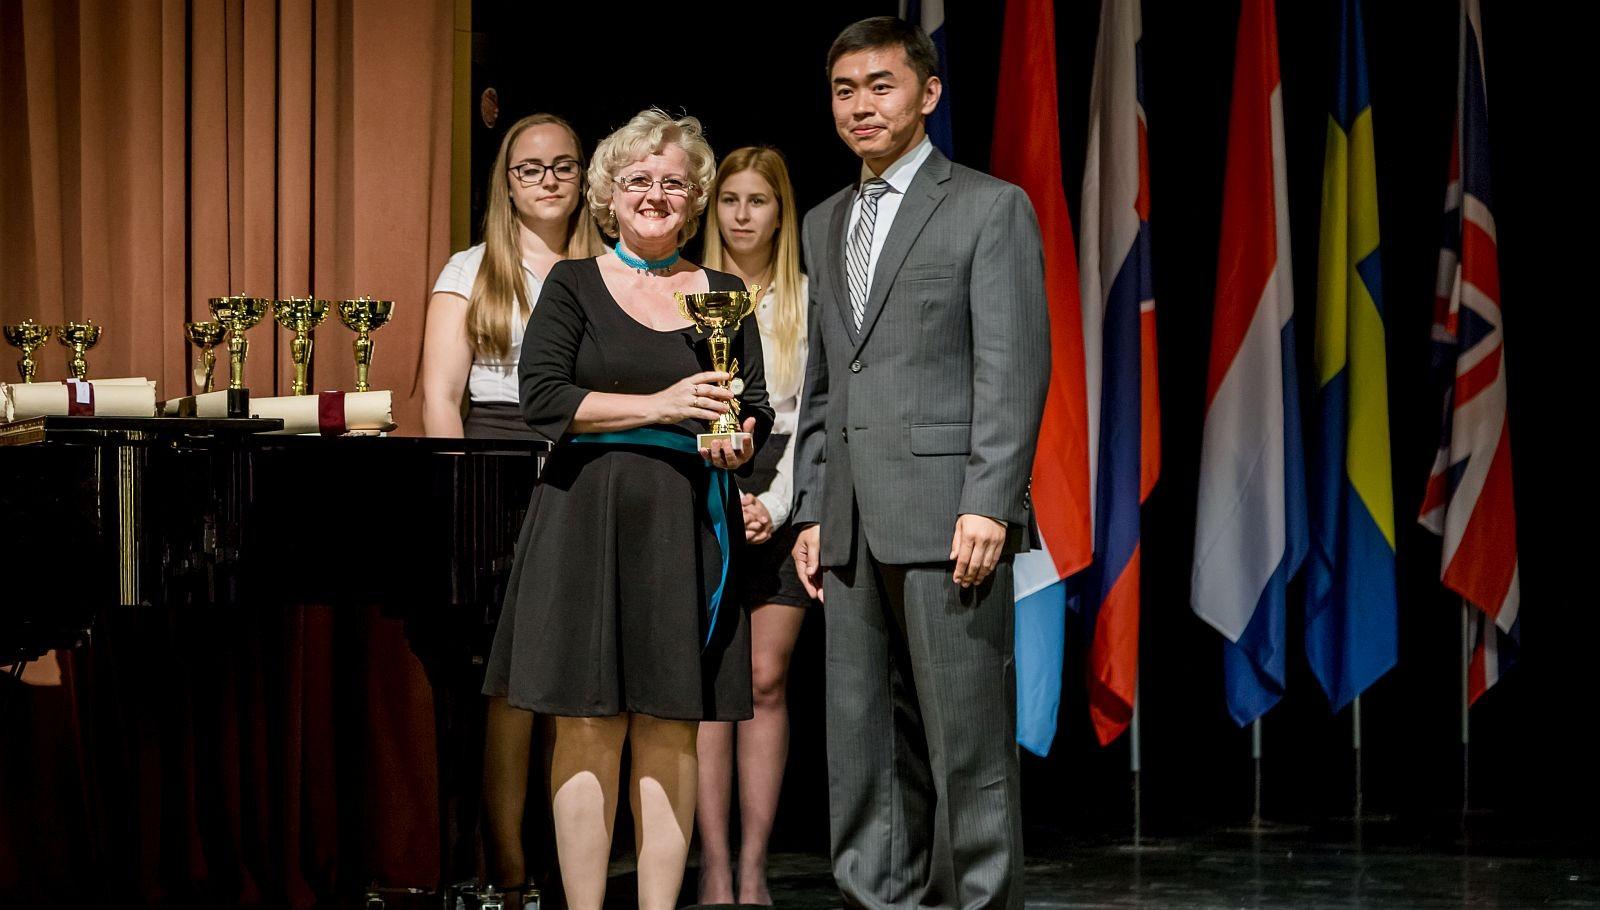 Újabb nemzetközi sikert aratott a székesfehérvári kamarakórus